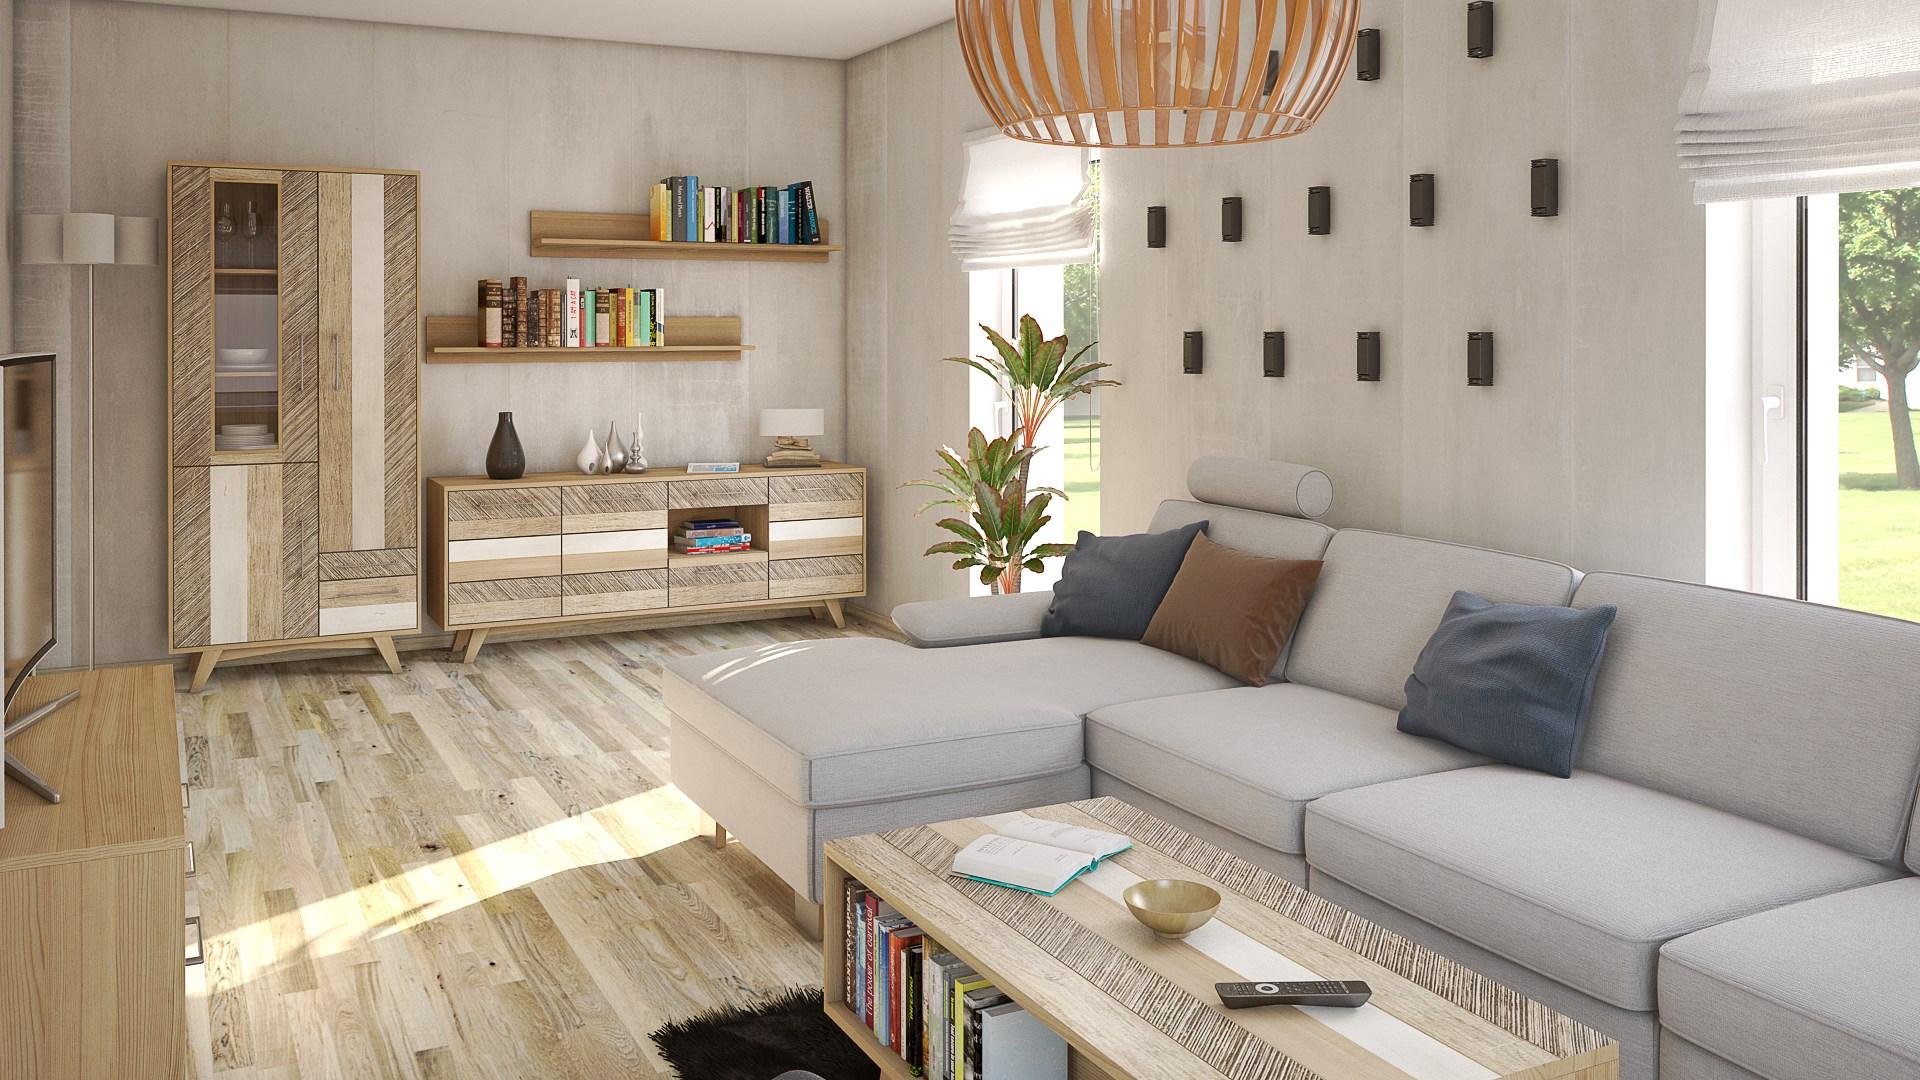 Pasivní domy jsou moderním bydlením budoucnosti